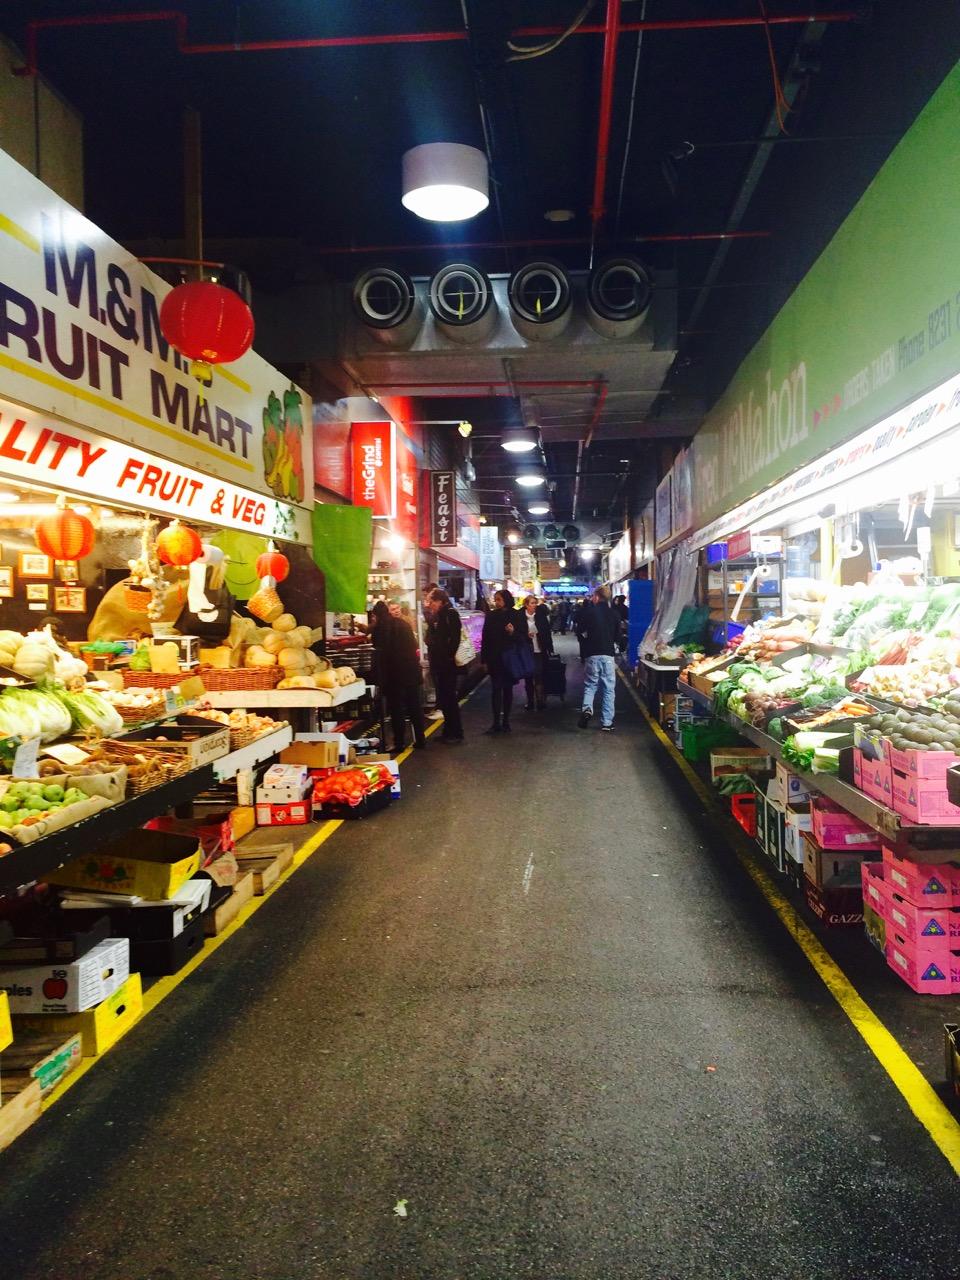 Central Market of Adelaide, Australia